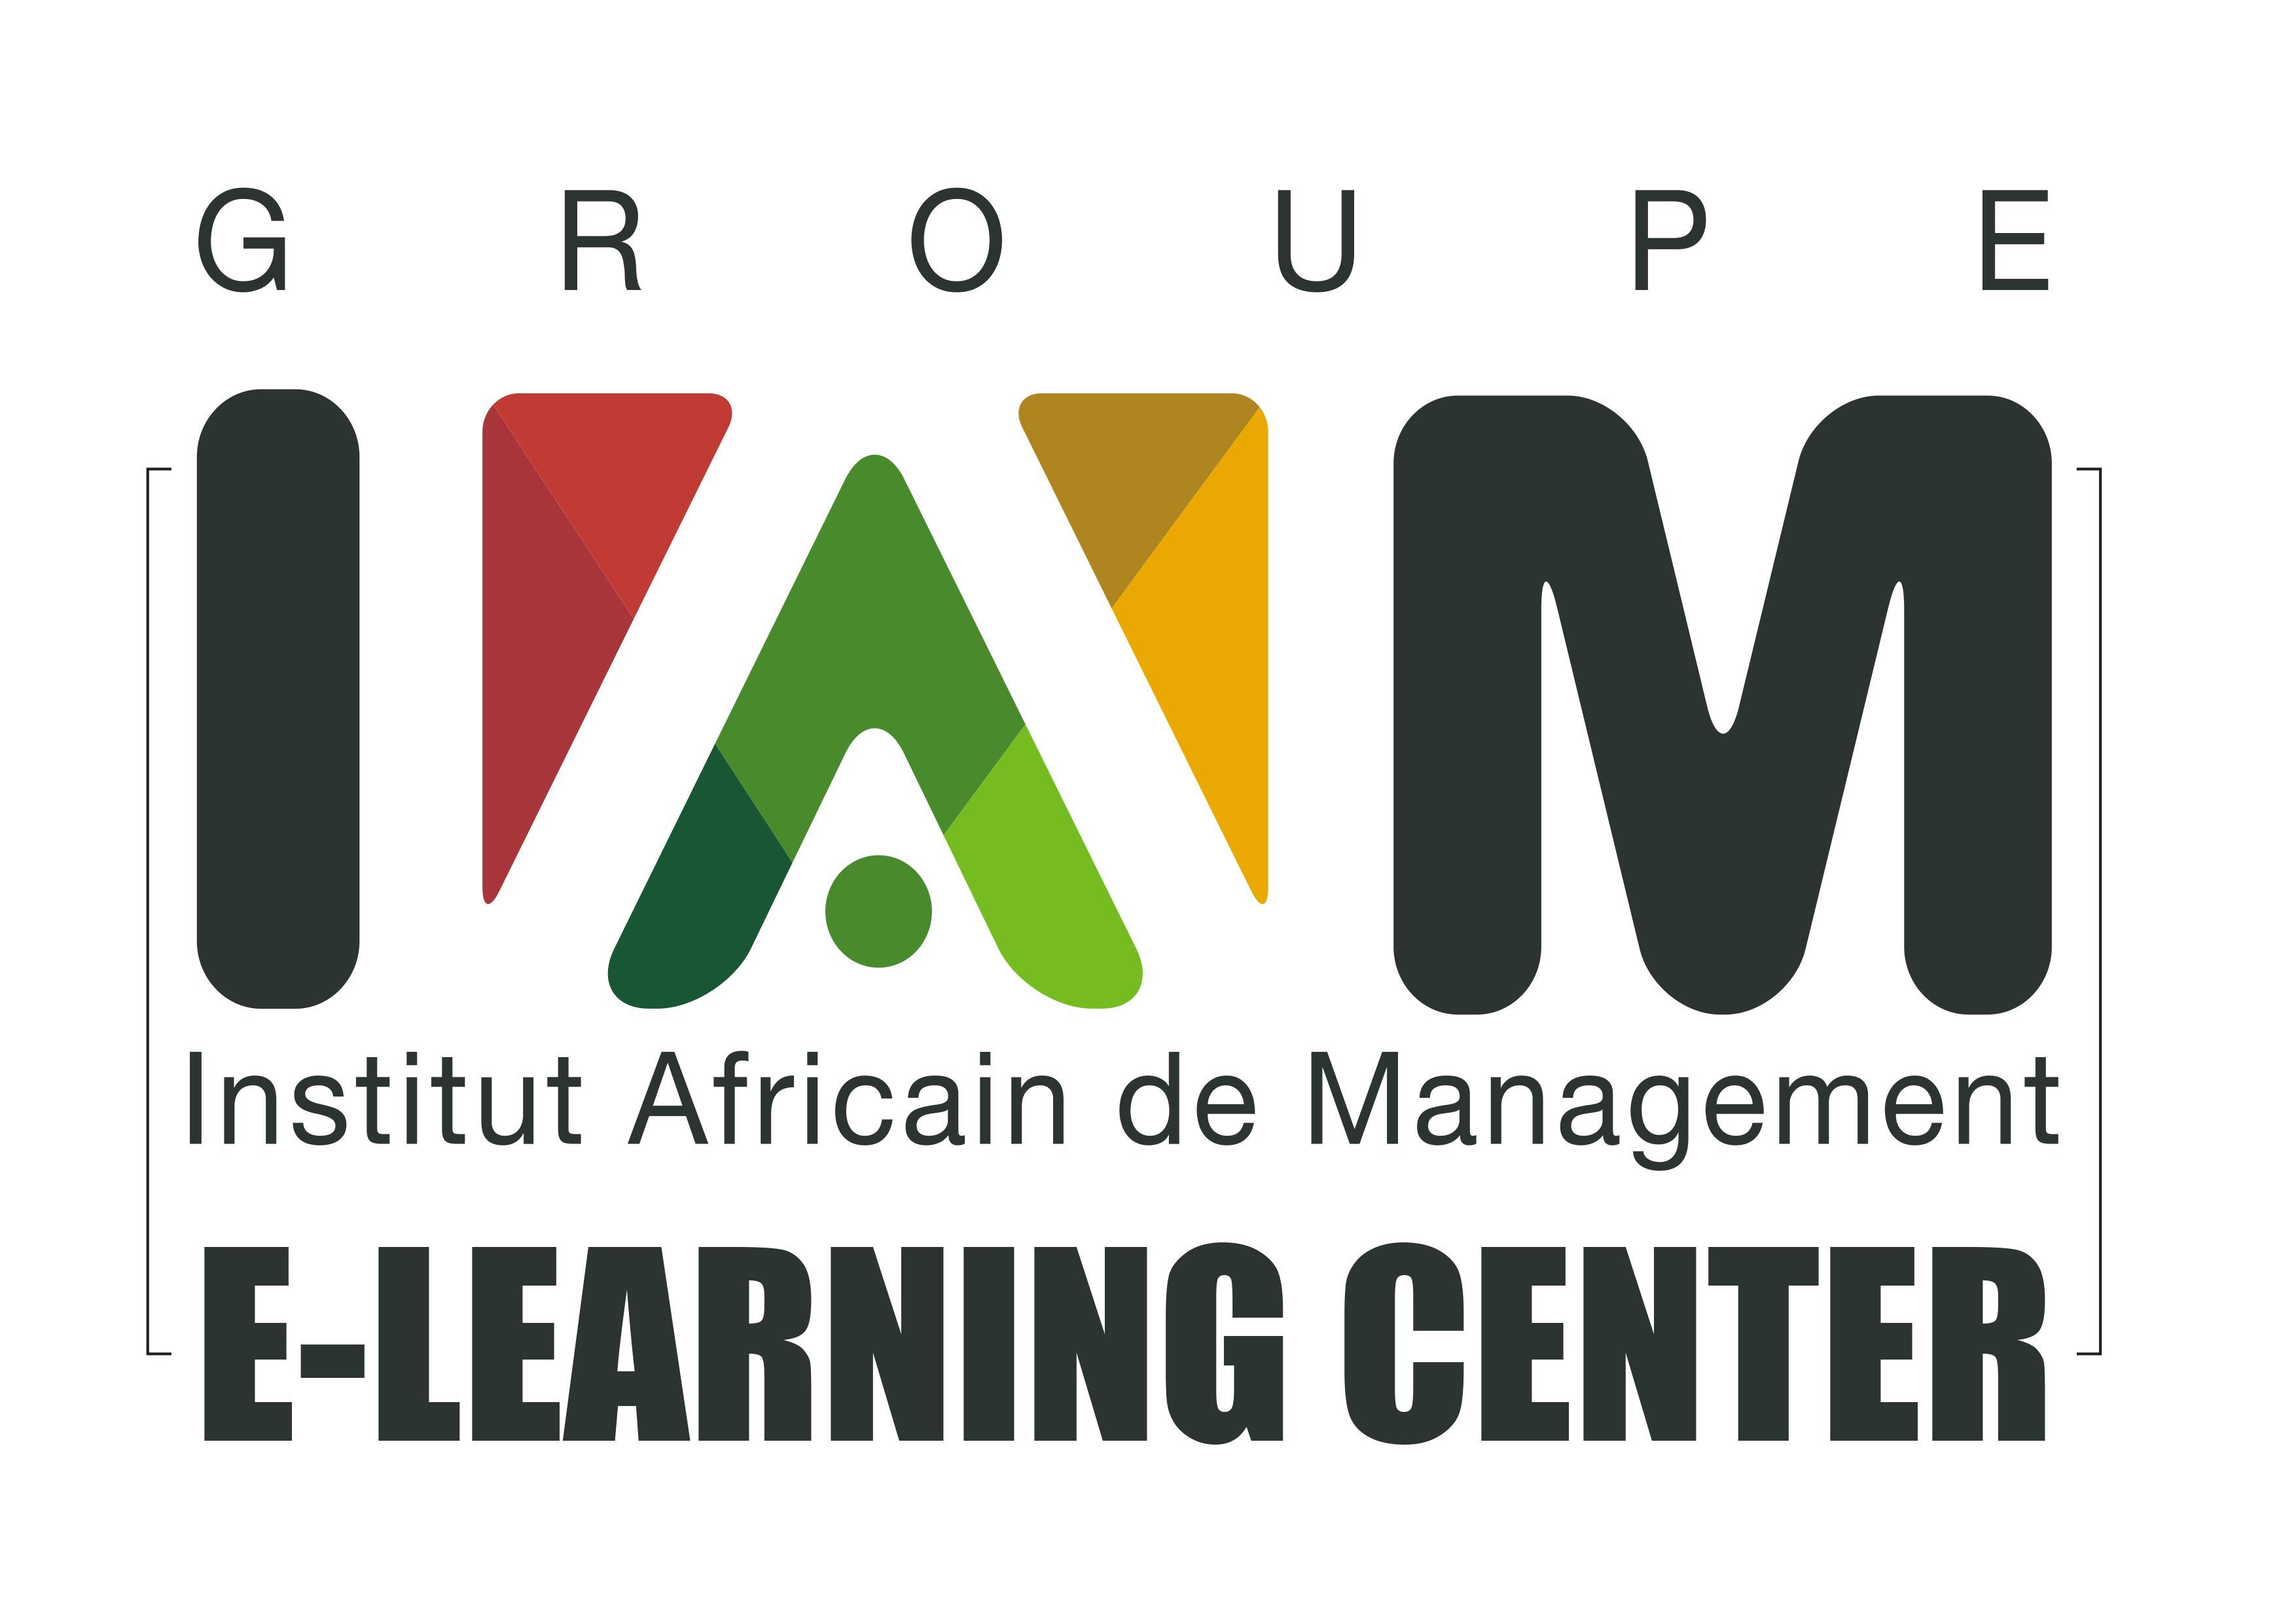 IAM E-Learning Center